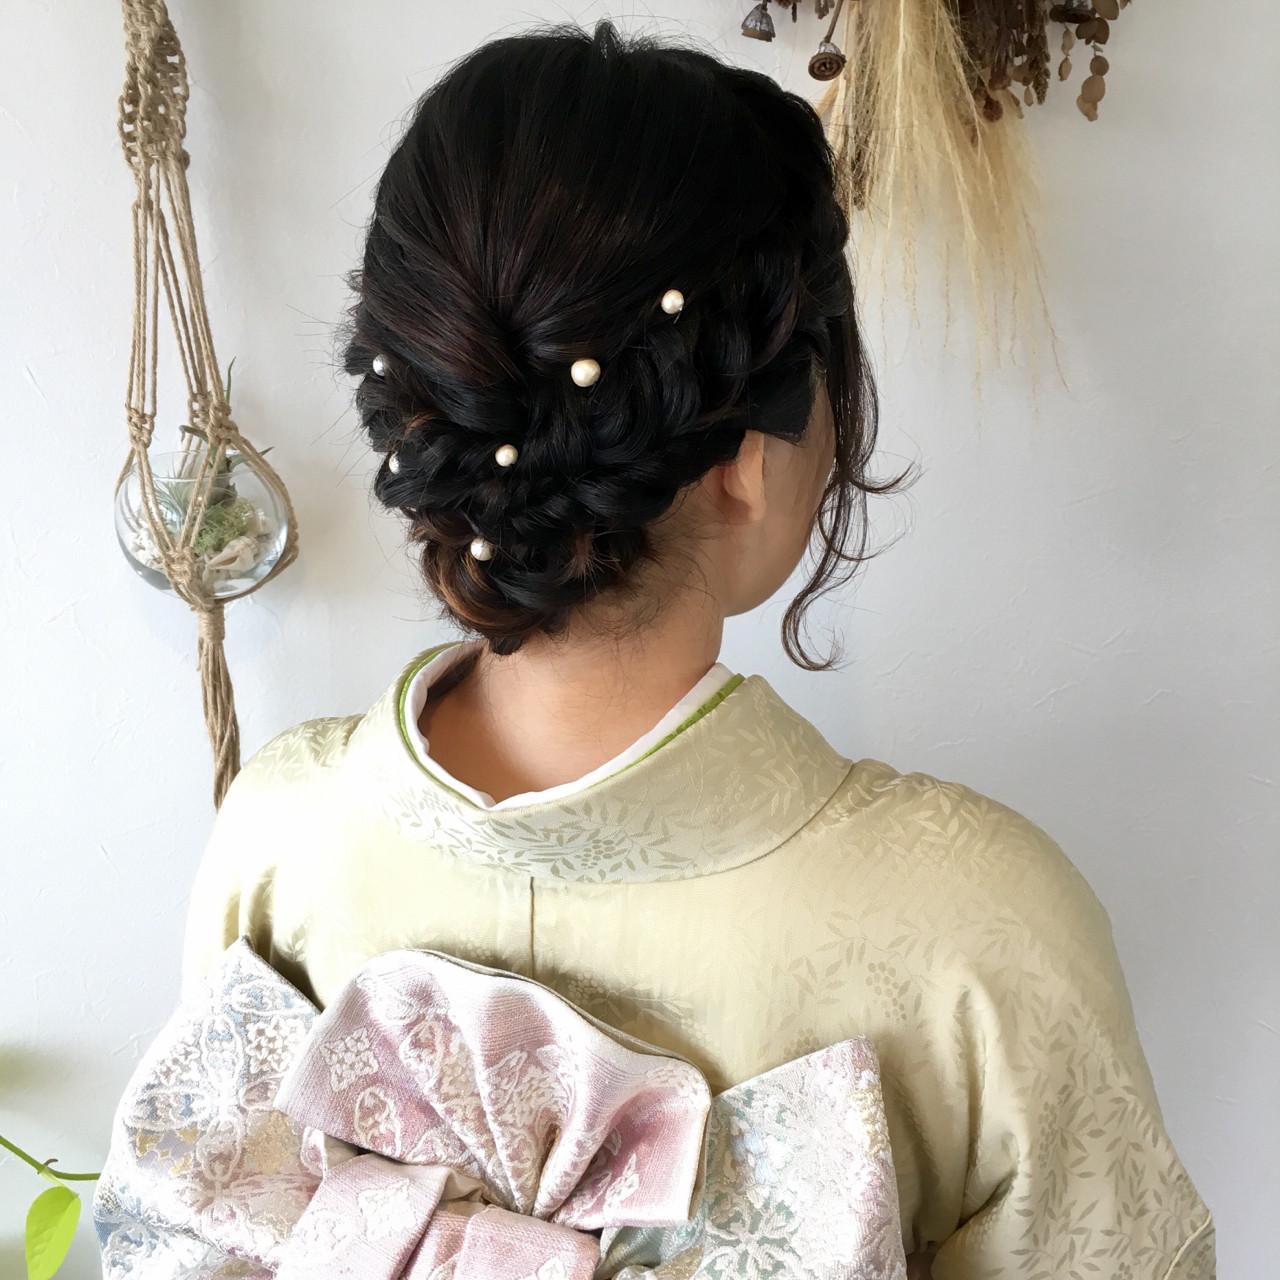 ミディアム 着物 結婚式 ナチュラル ヘアスタイルや髪型の写真・画像